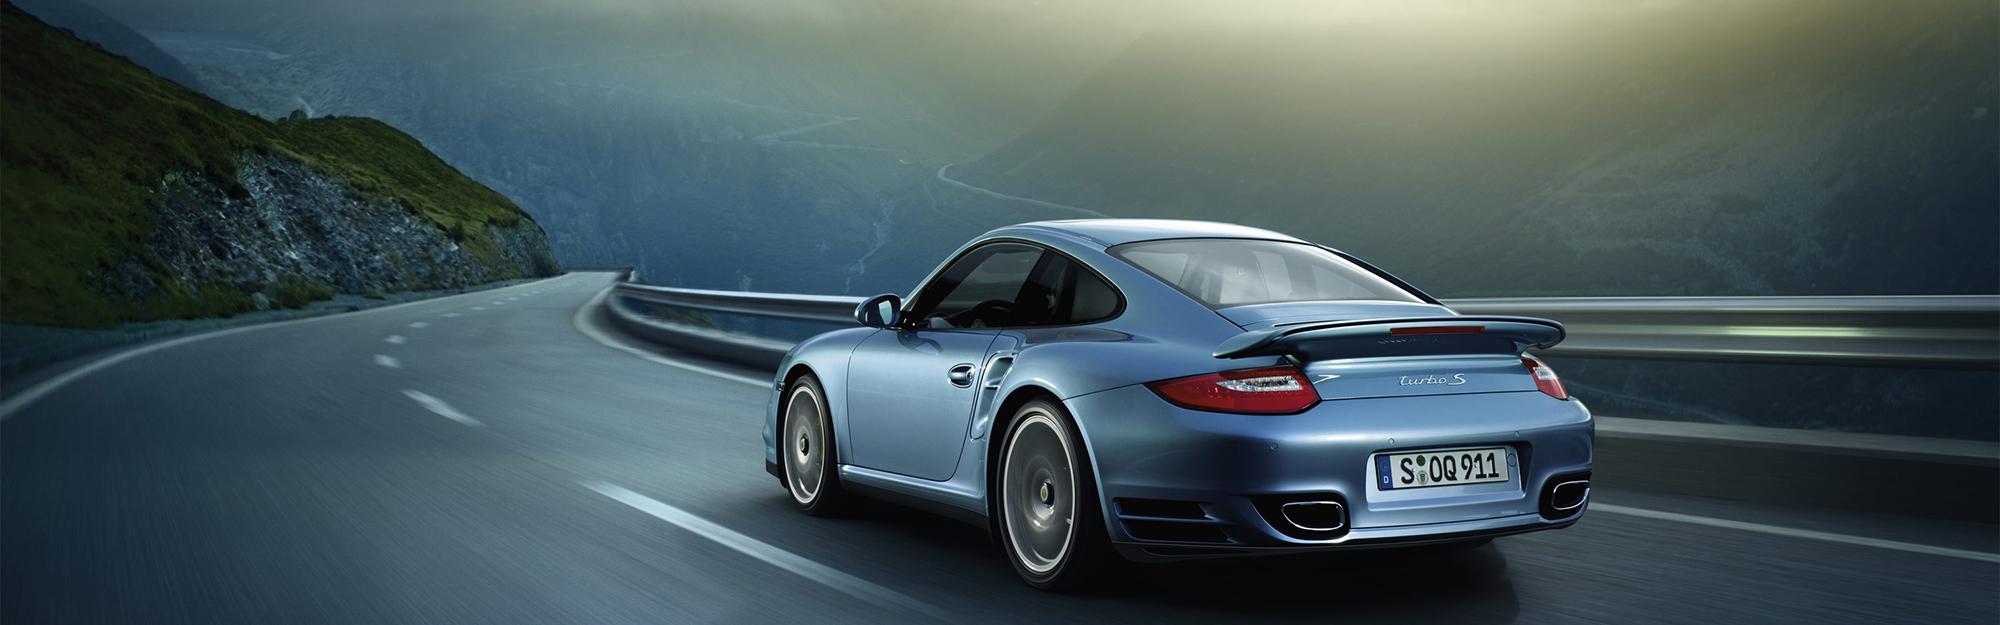 assurance porsche 911 turbo S